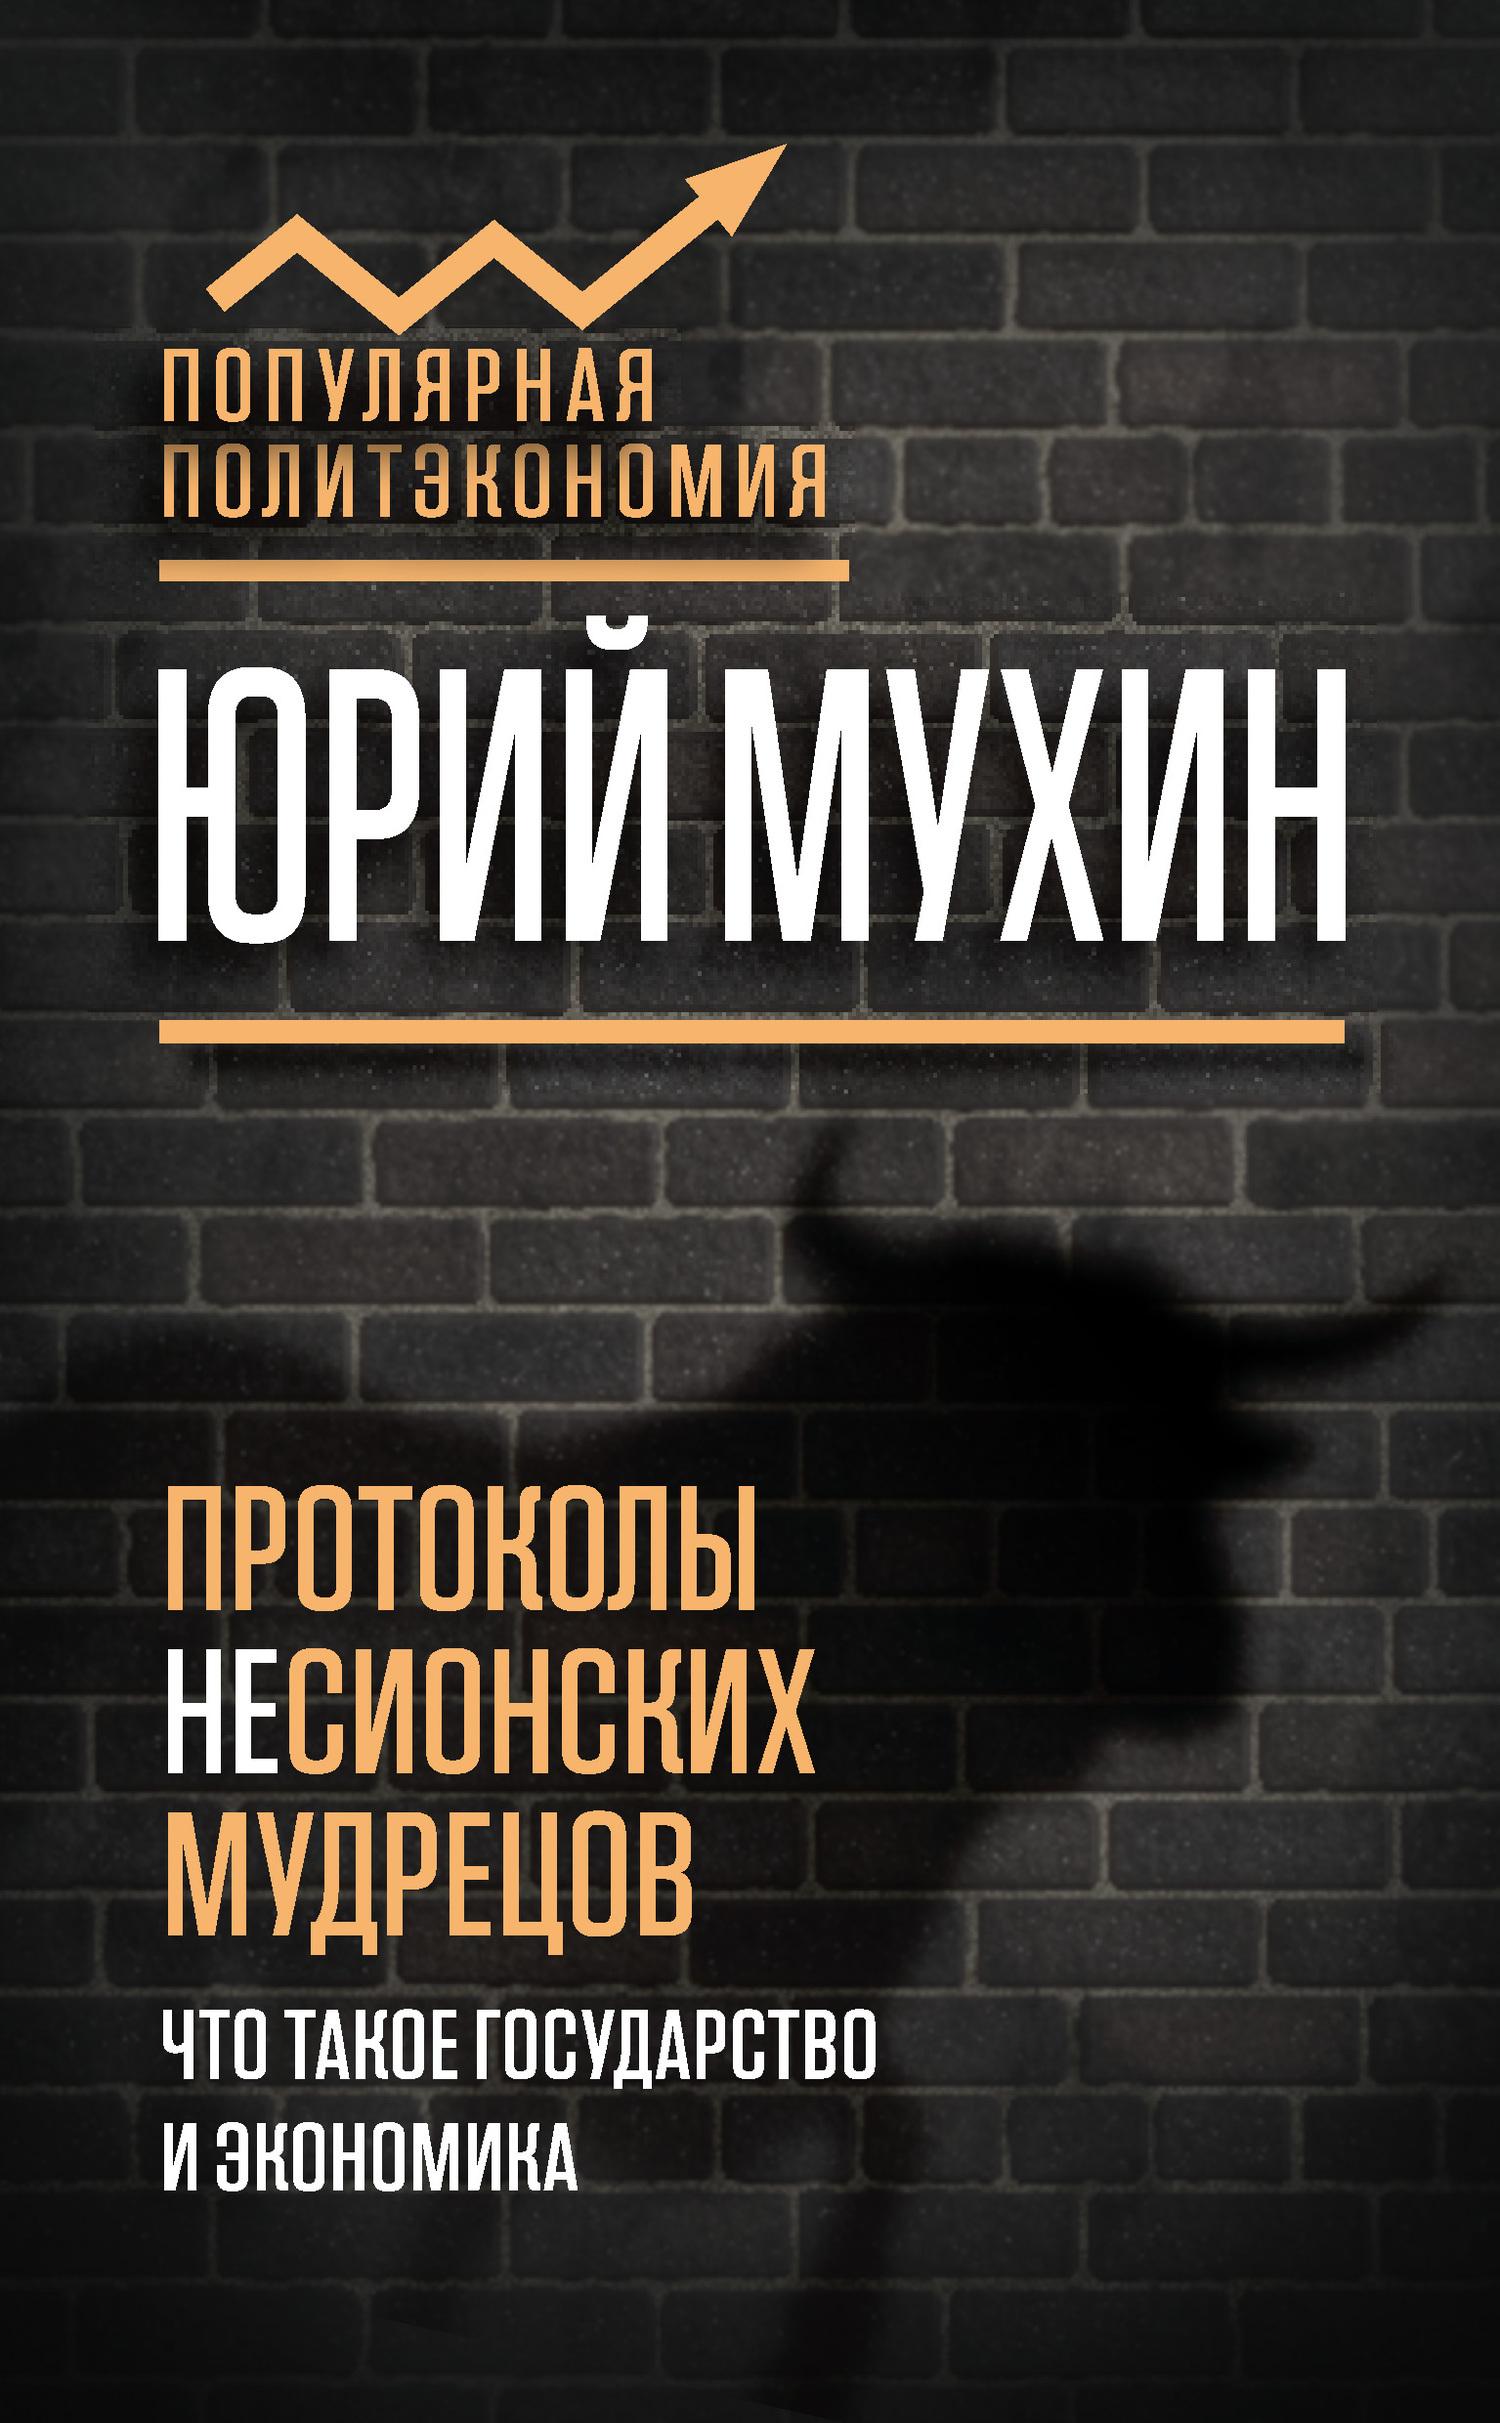 фото обложки издания Протоколы несионских мудрецов. Что такое государство и экономика